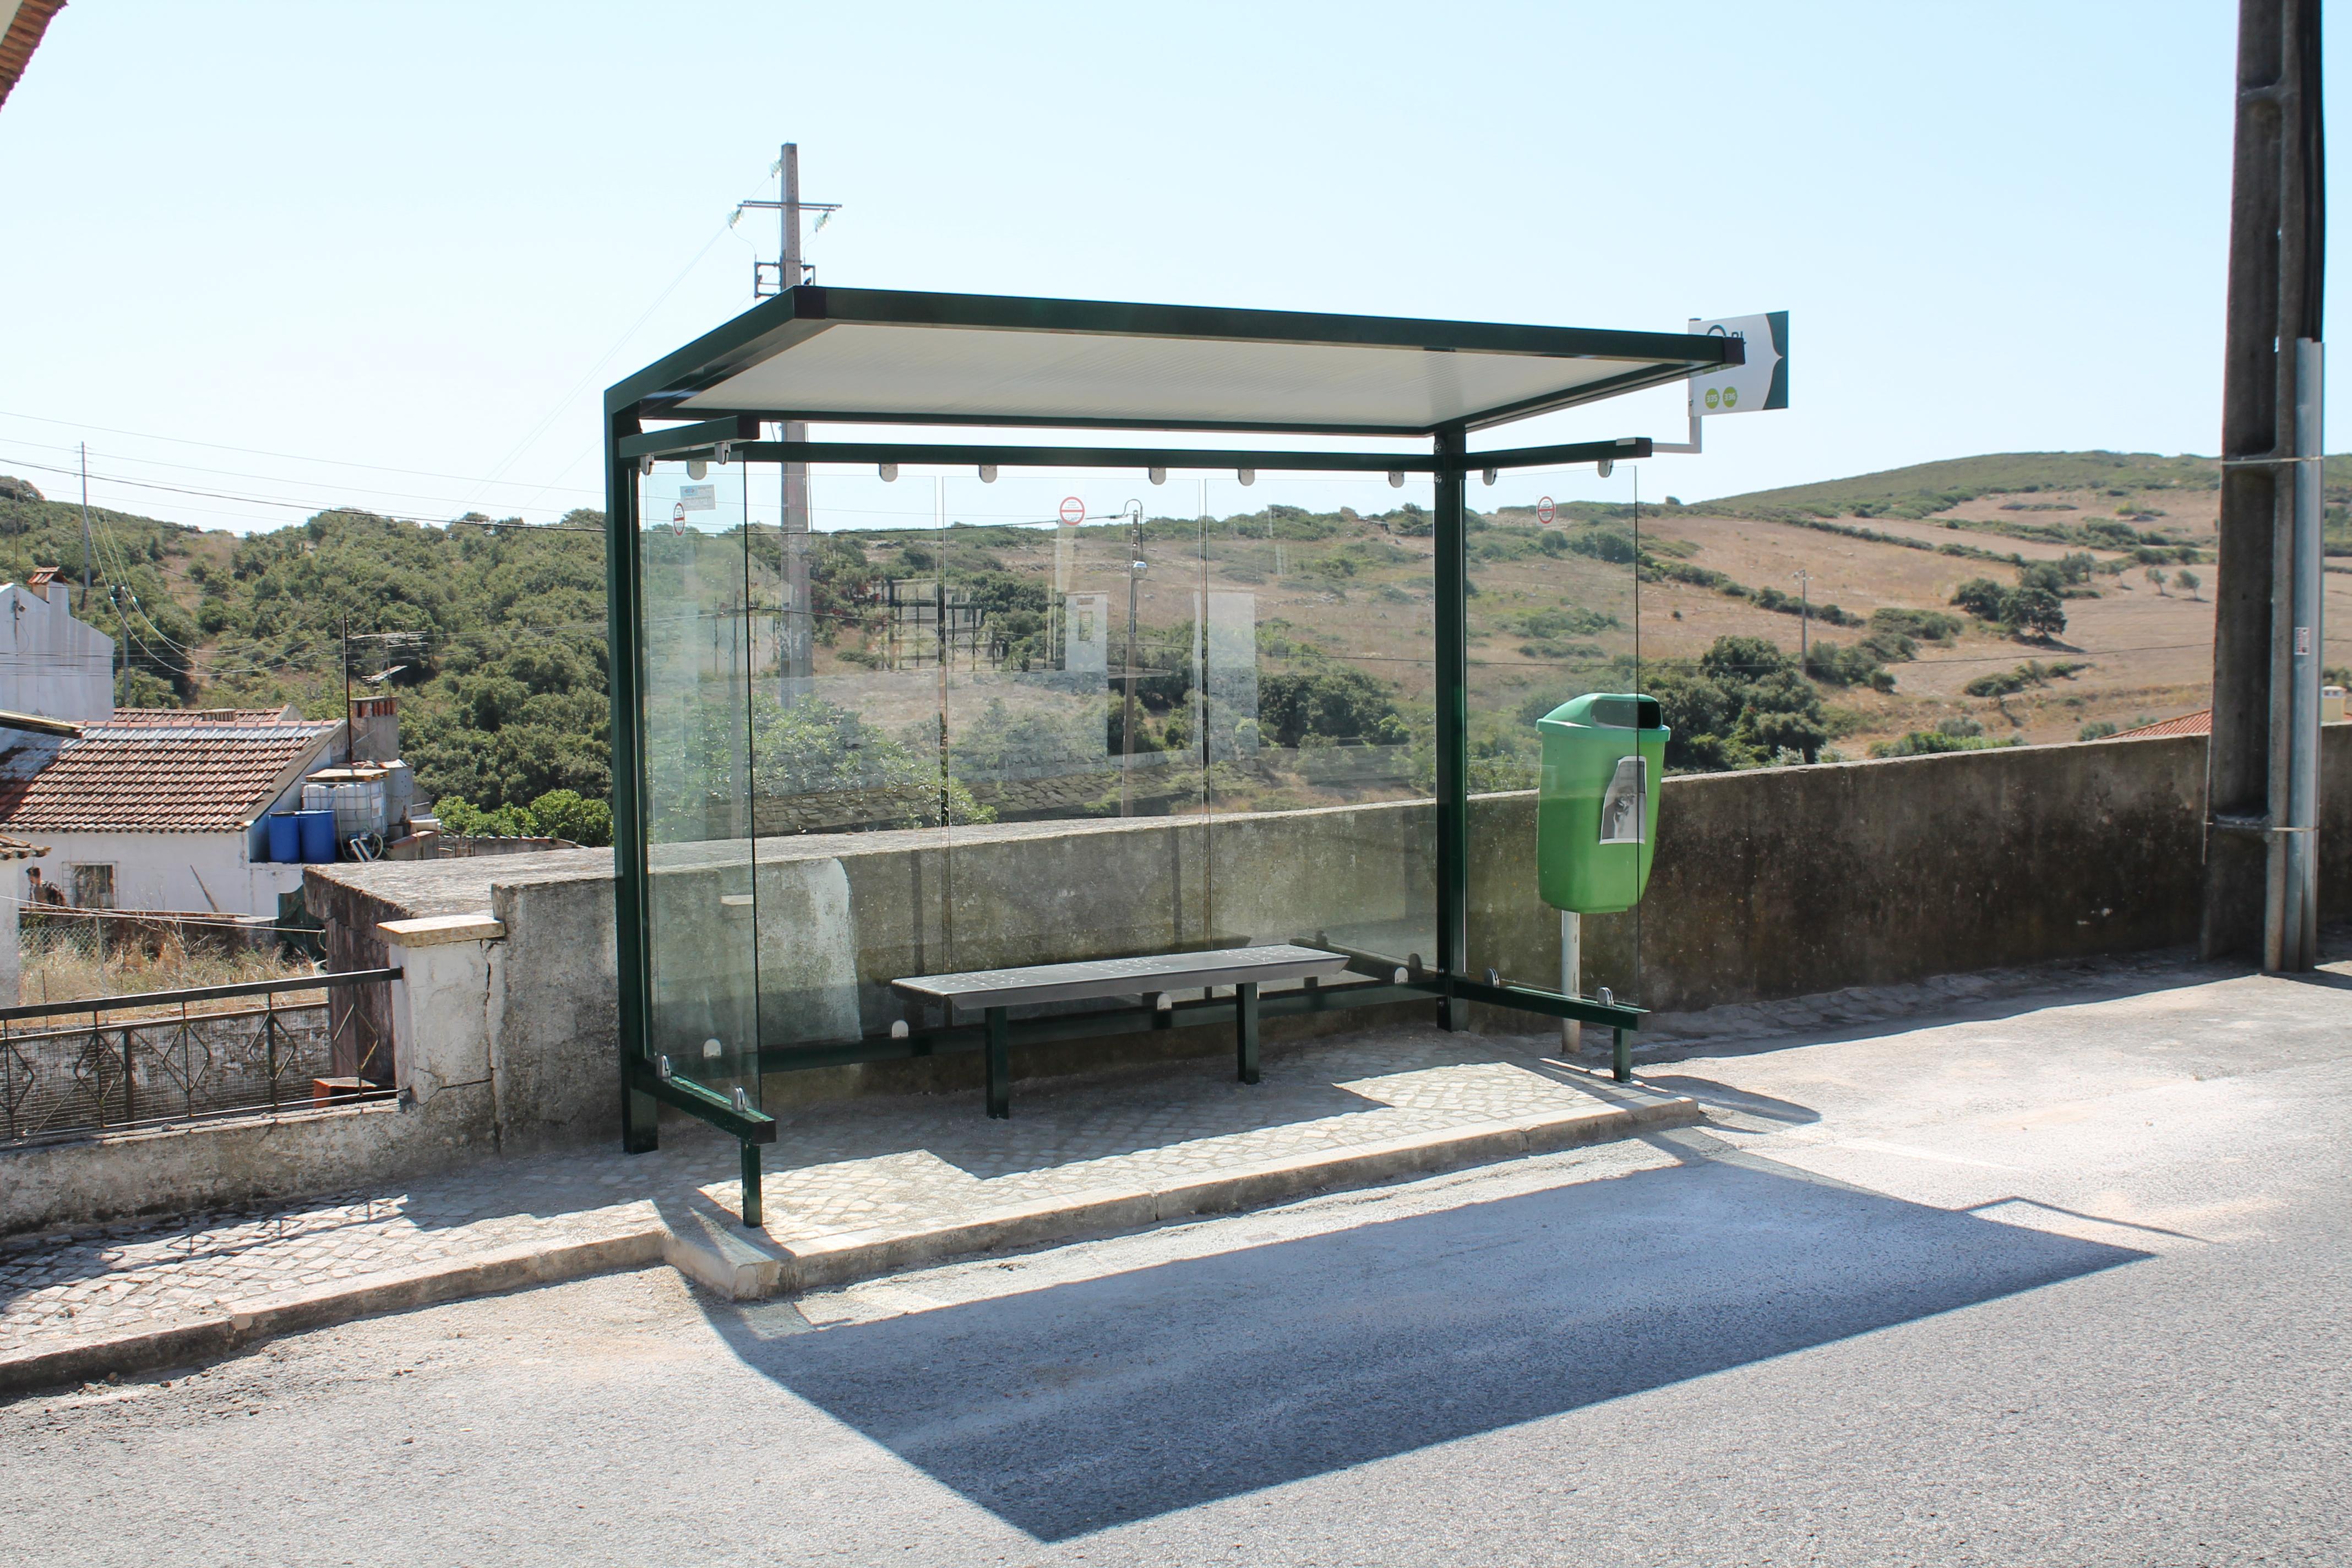 CASAINHOS -(c) Novas paragens para um espaço público mais digno e humanizado